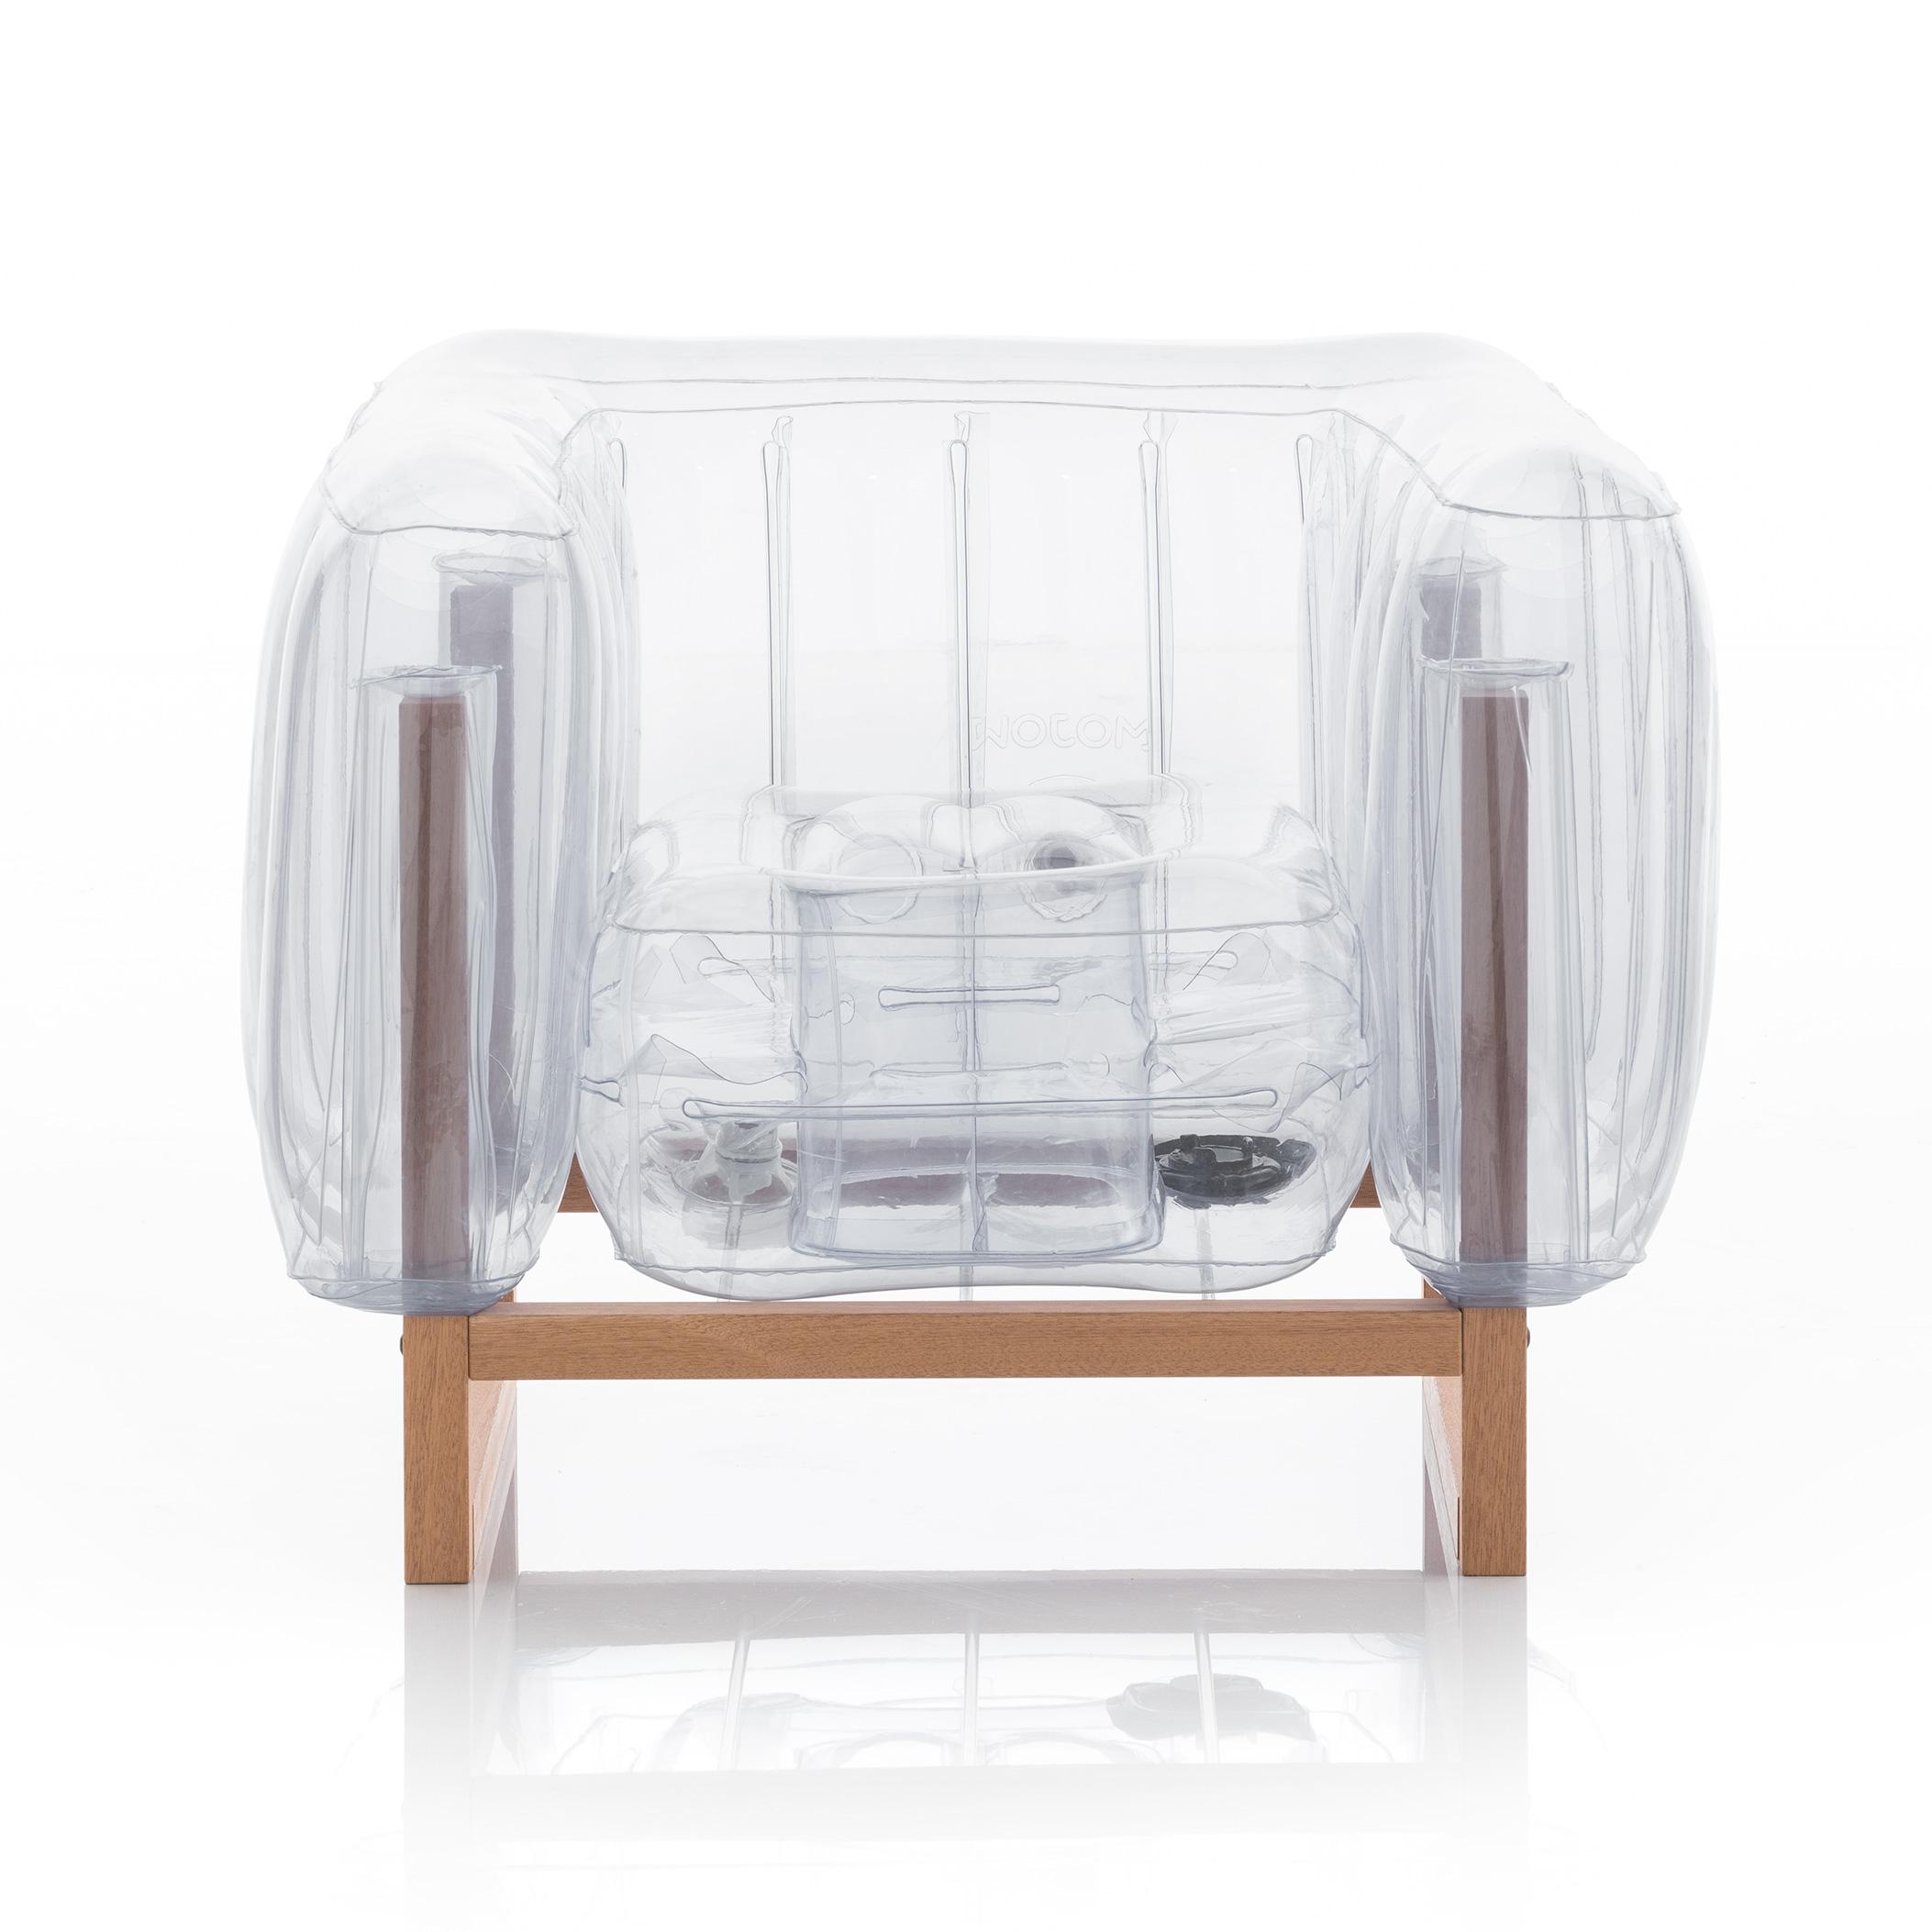 Fauteuil pvc transparent cadre en bois